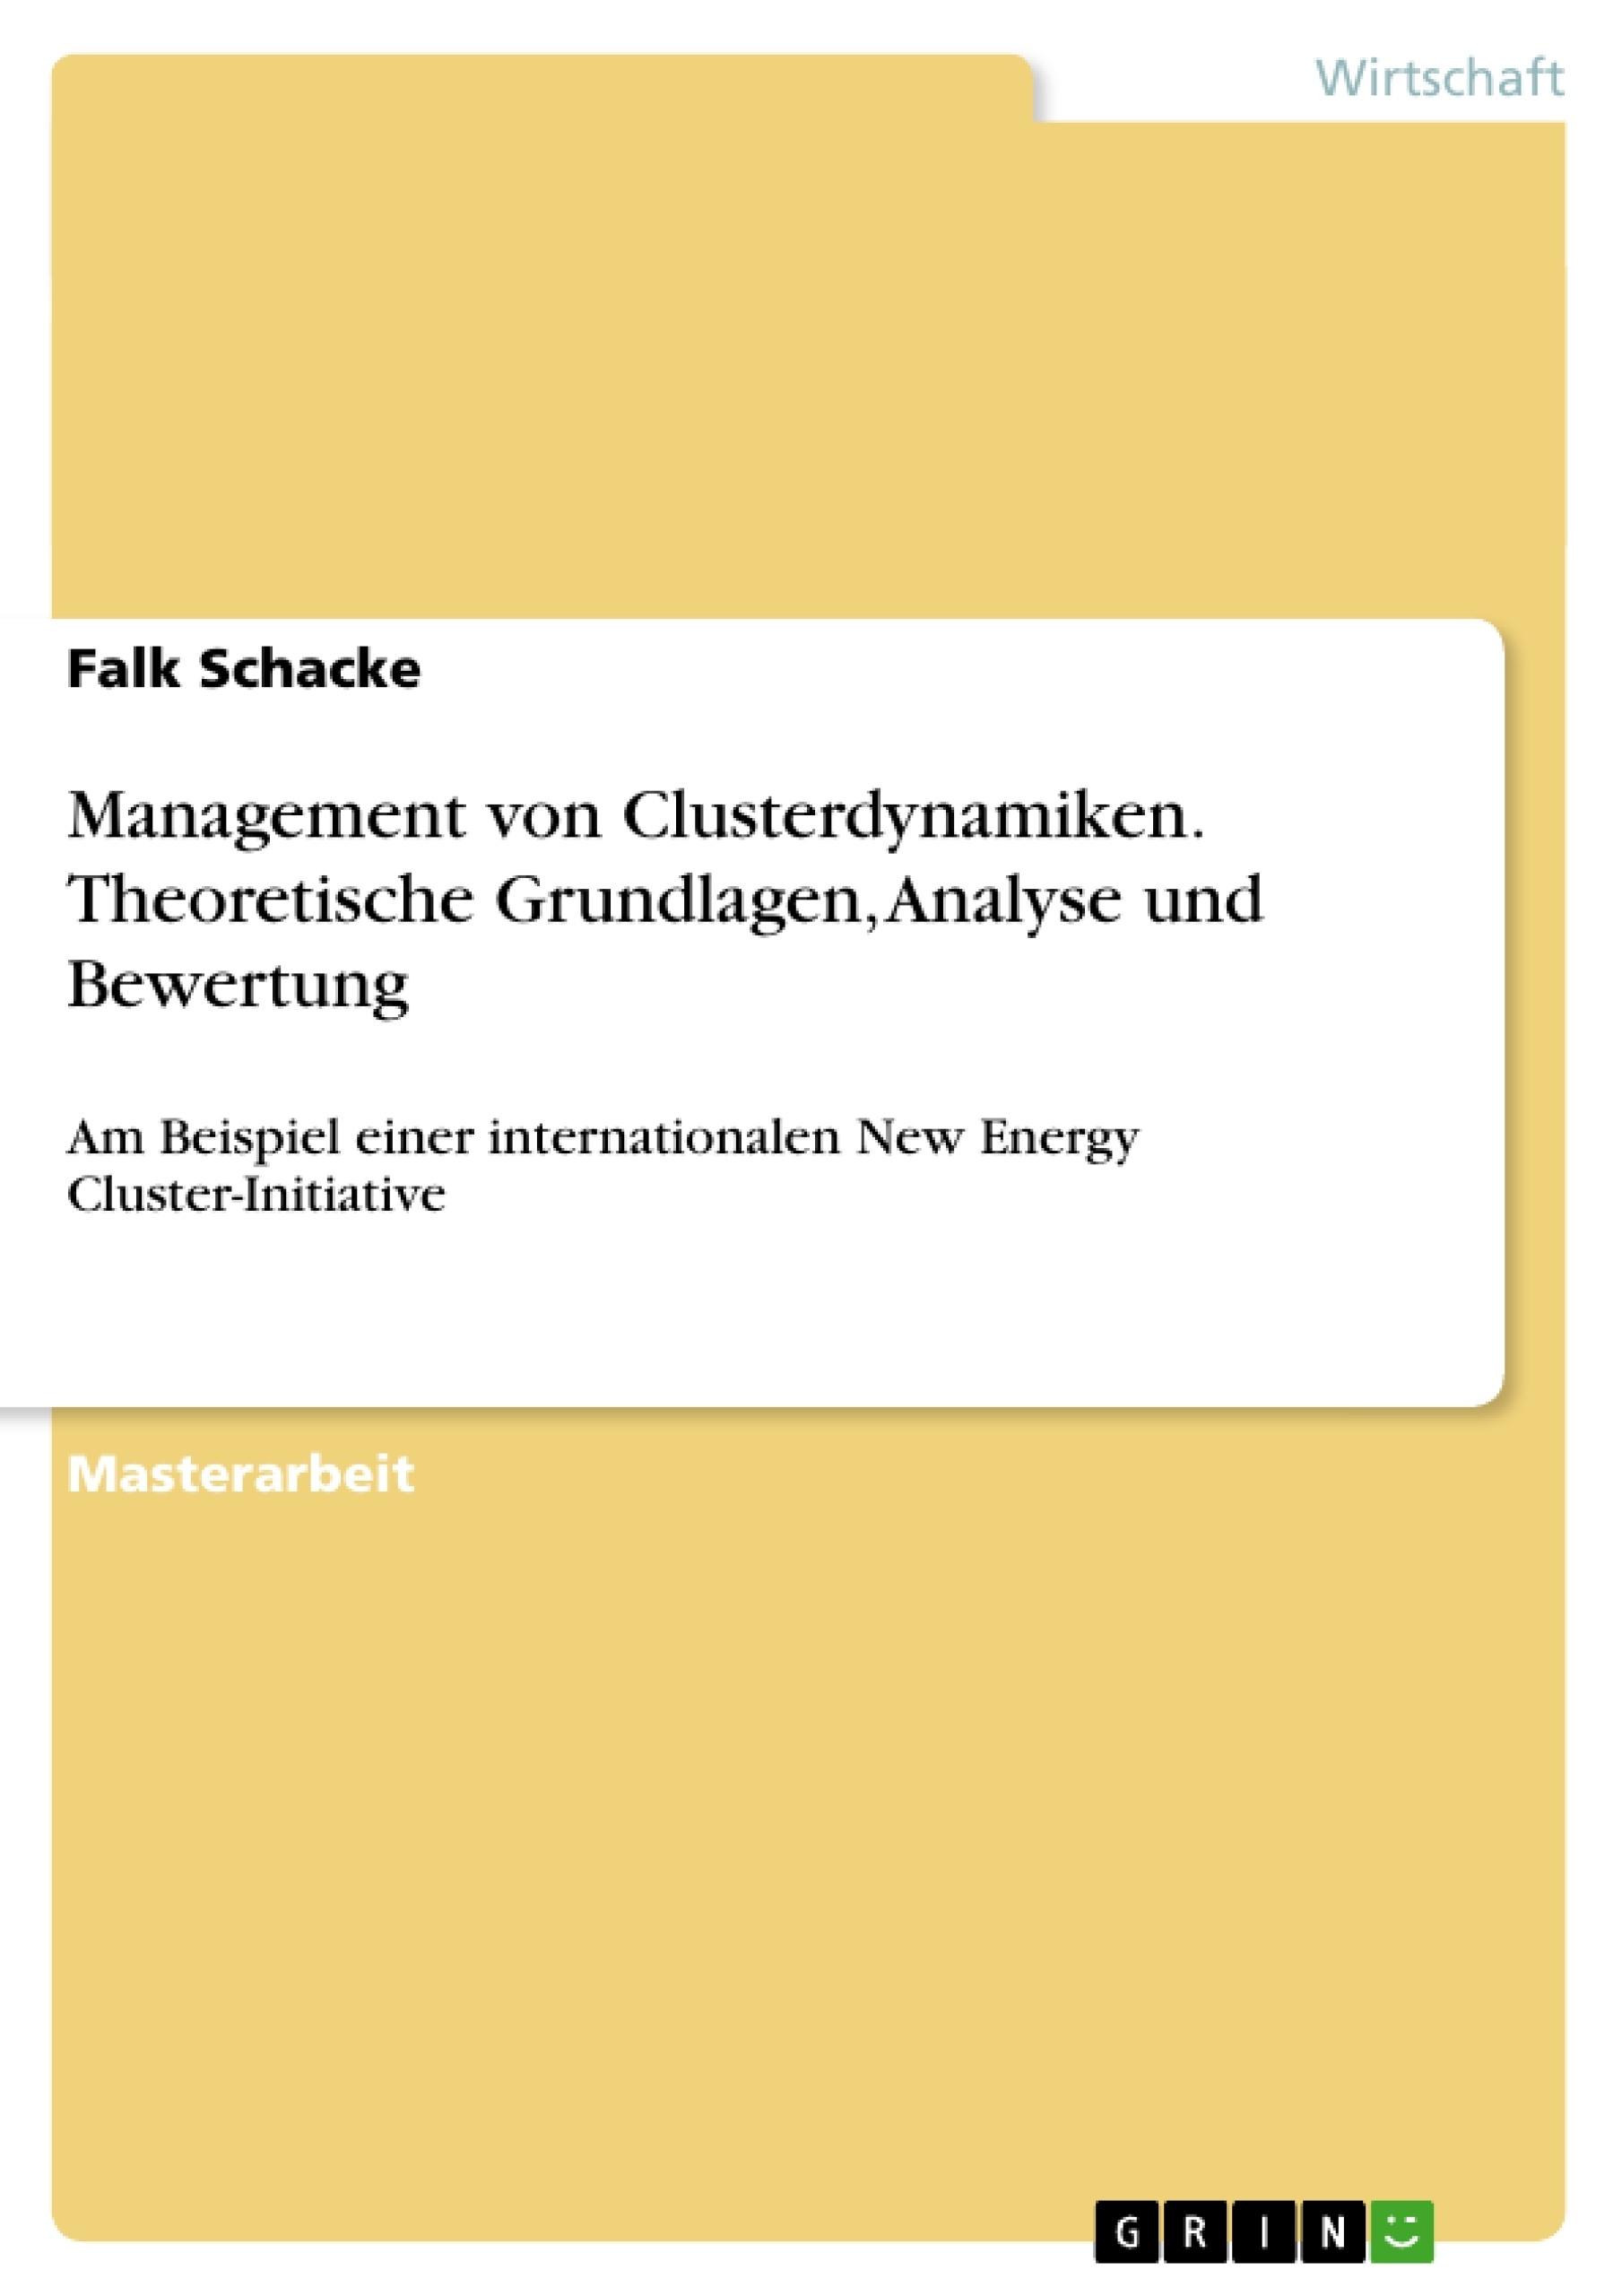 Titel: Management von Clusterdynamiken. Theoretische Grundlagen, Analyse und Bewertung